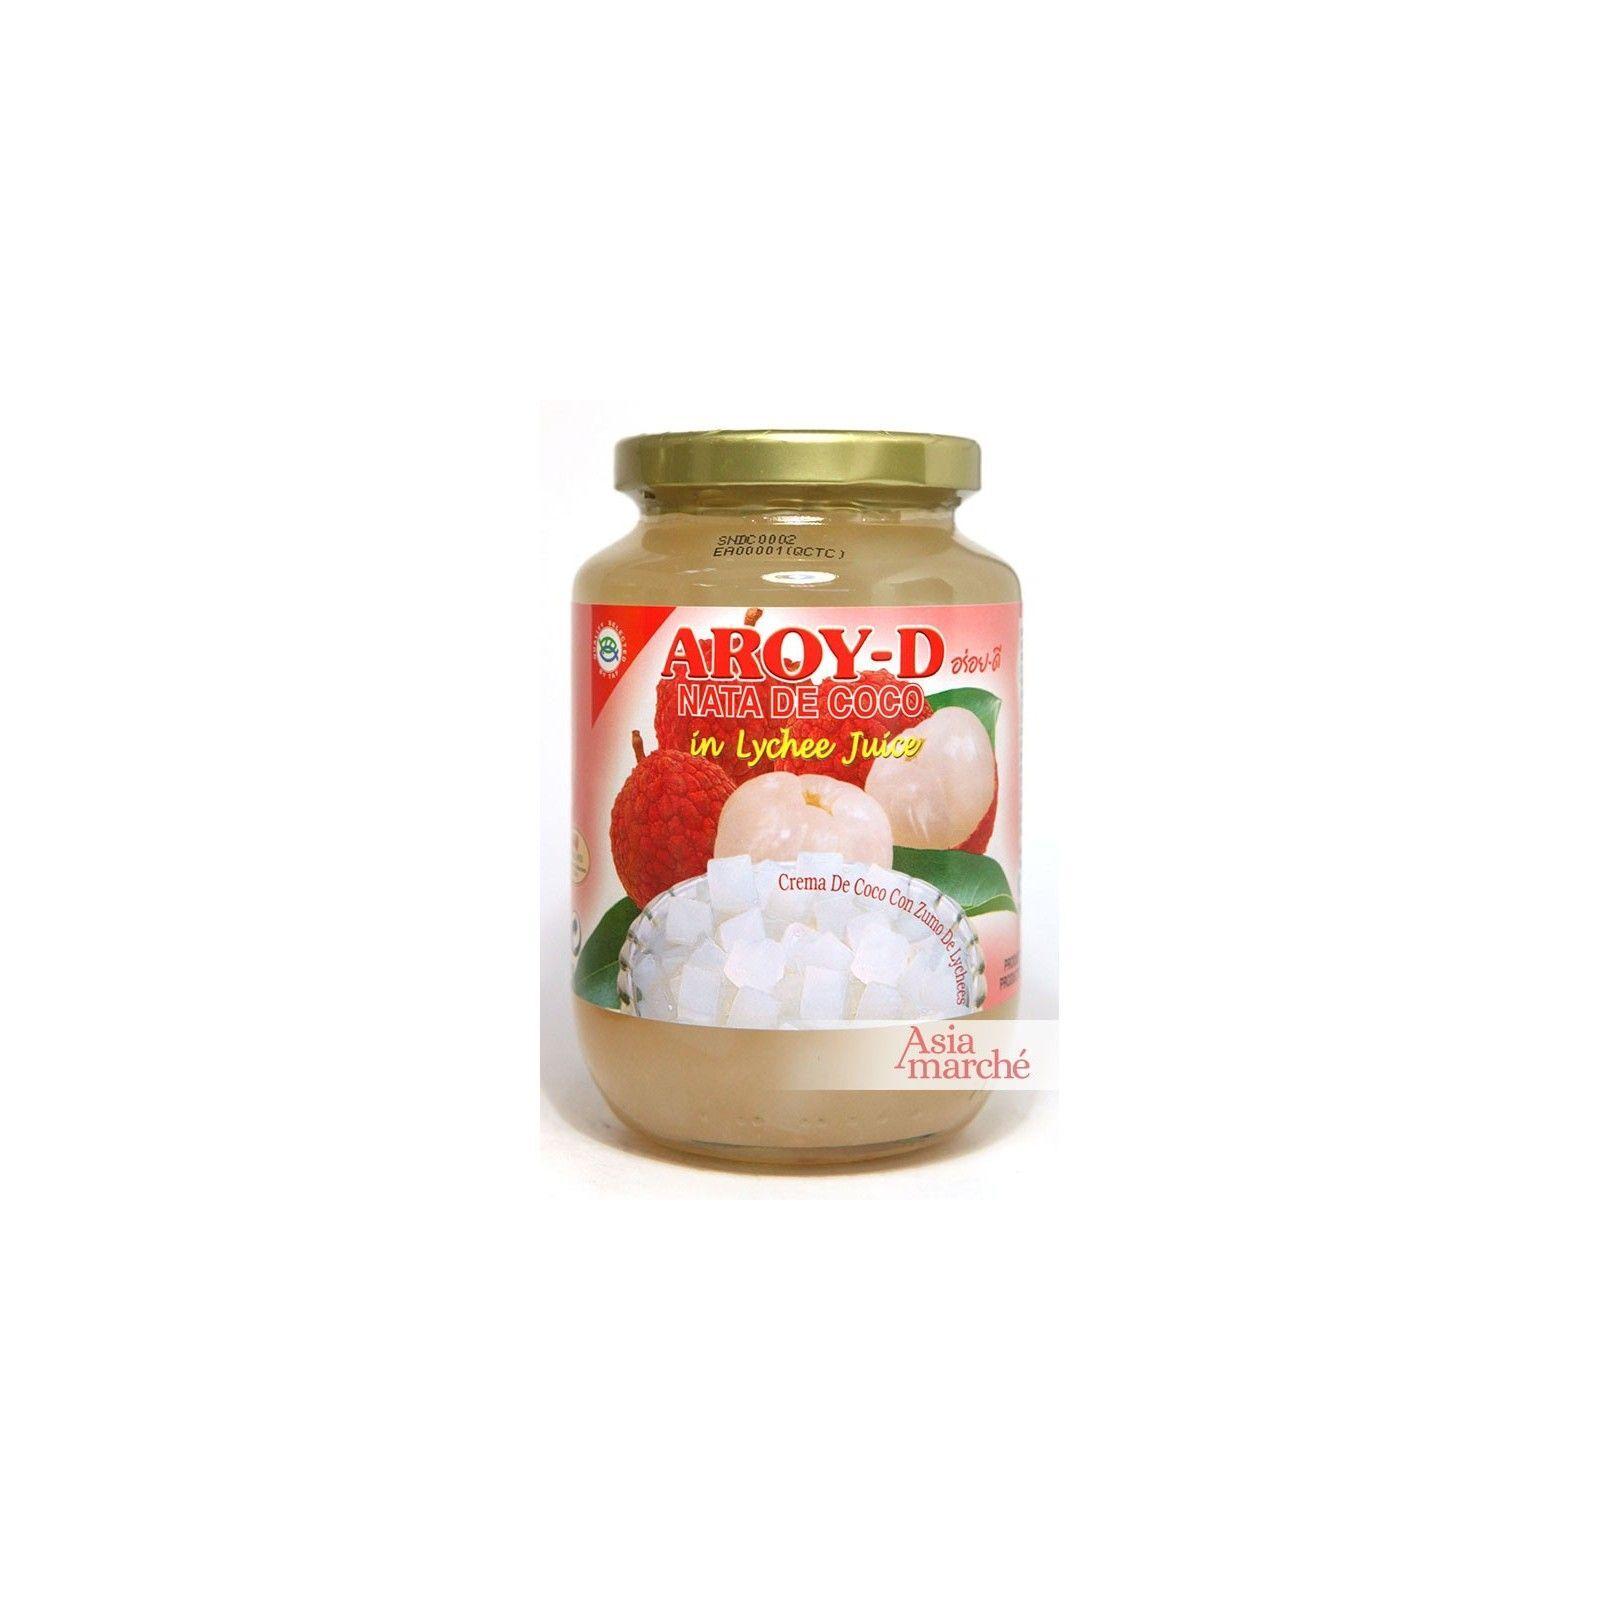 Asia Marché Nata de coco au Lychee 450g Aroy-D